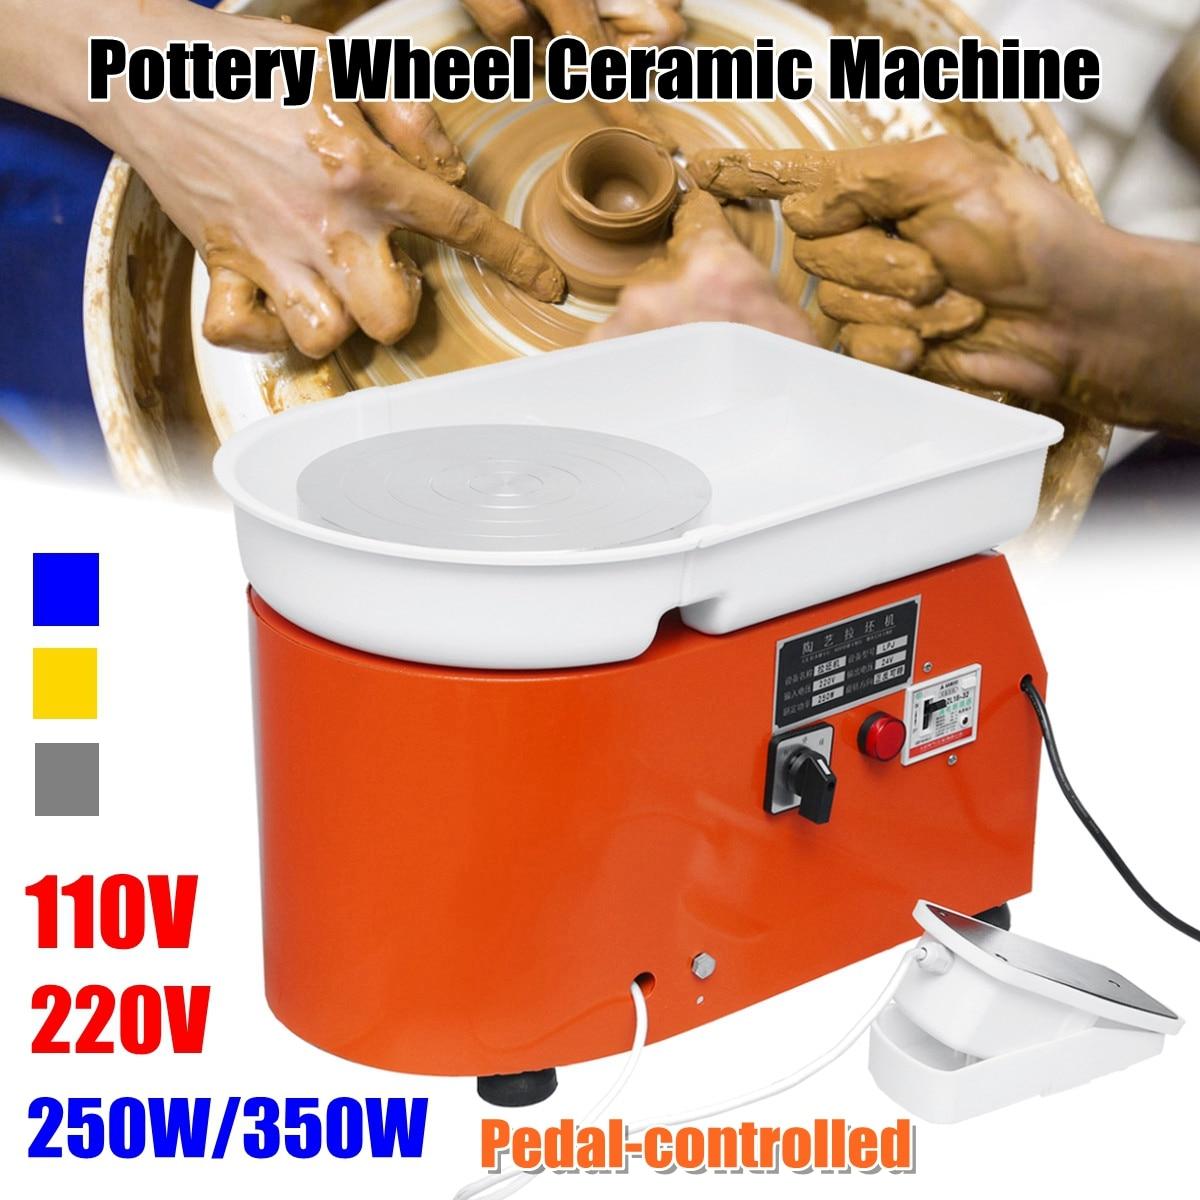 220 V/350 W Tours électriques roue poterie Machine en céramique argile potier Art pour céramique travail céramique